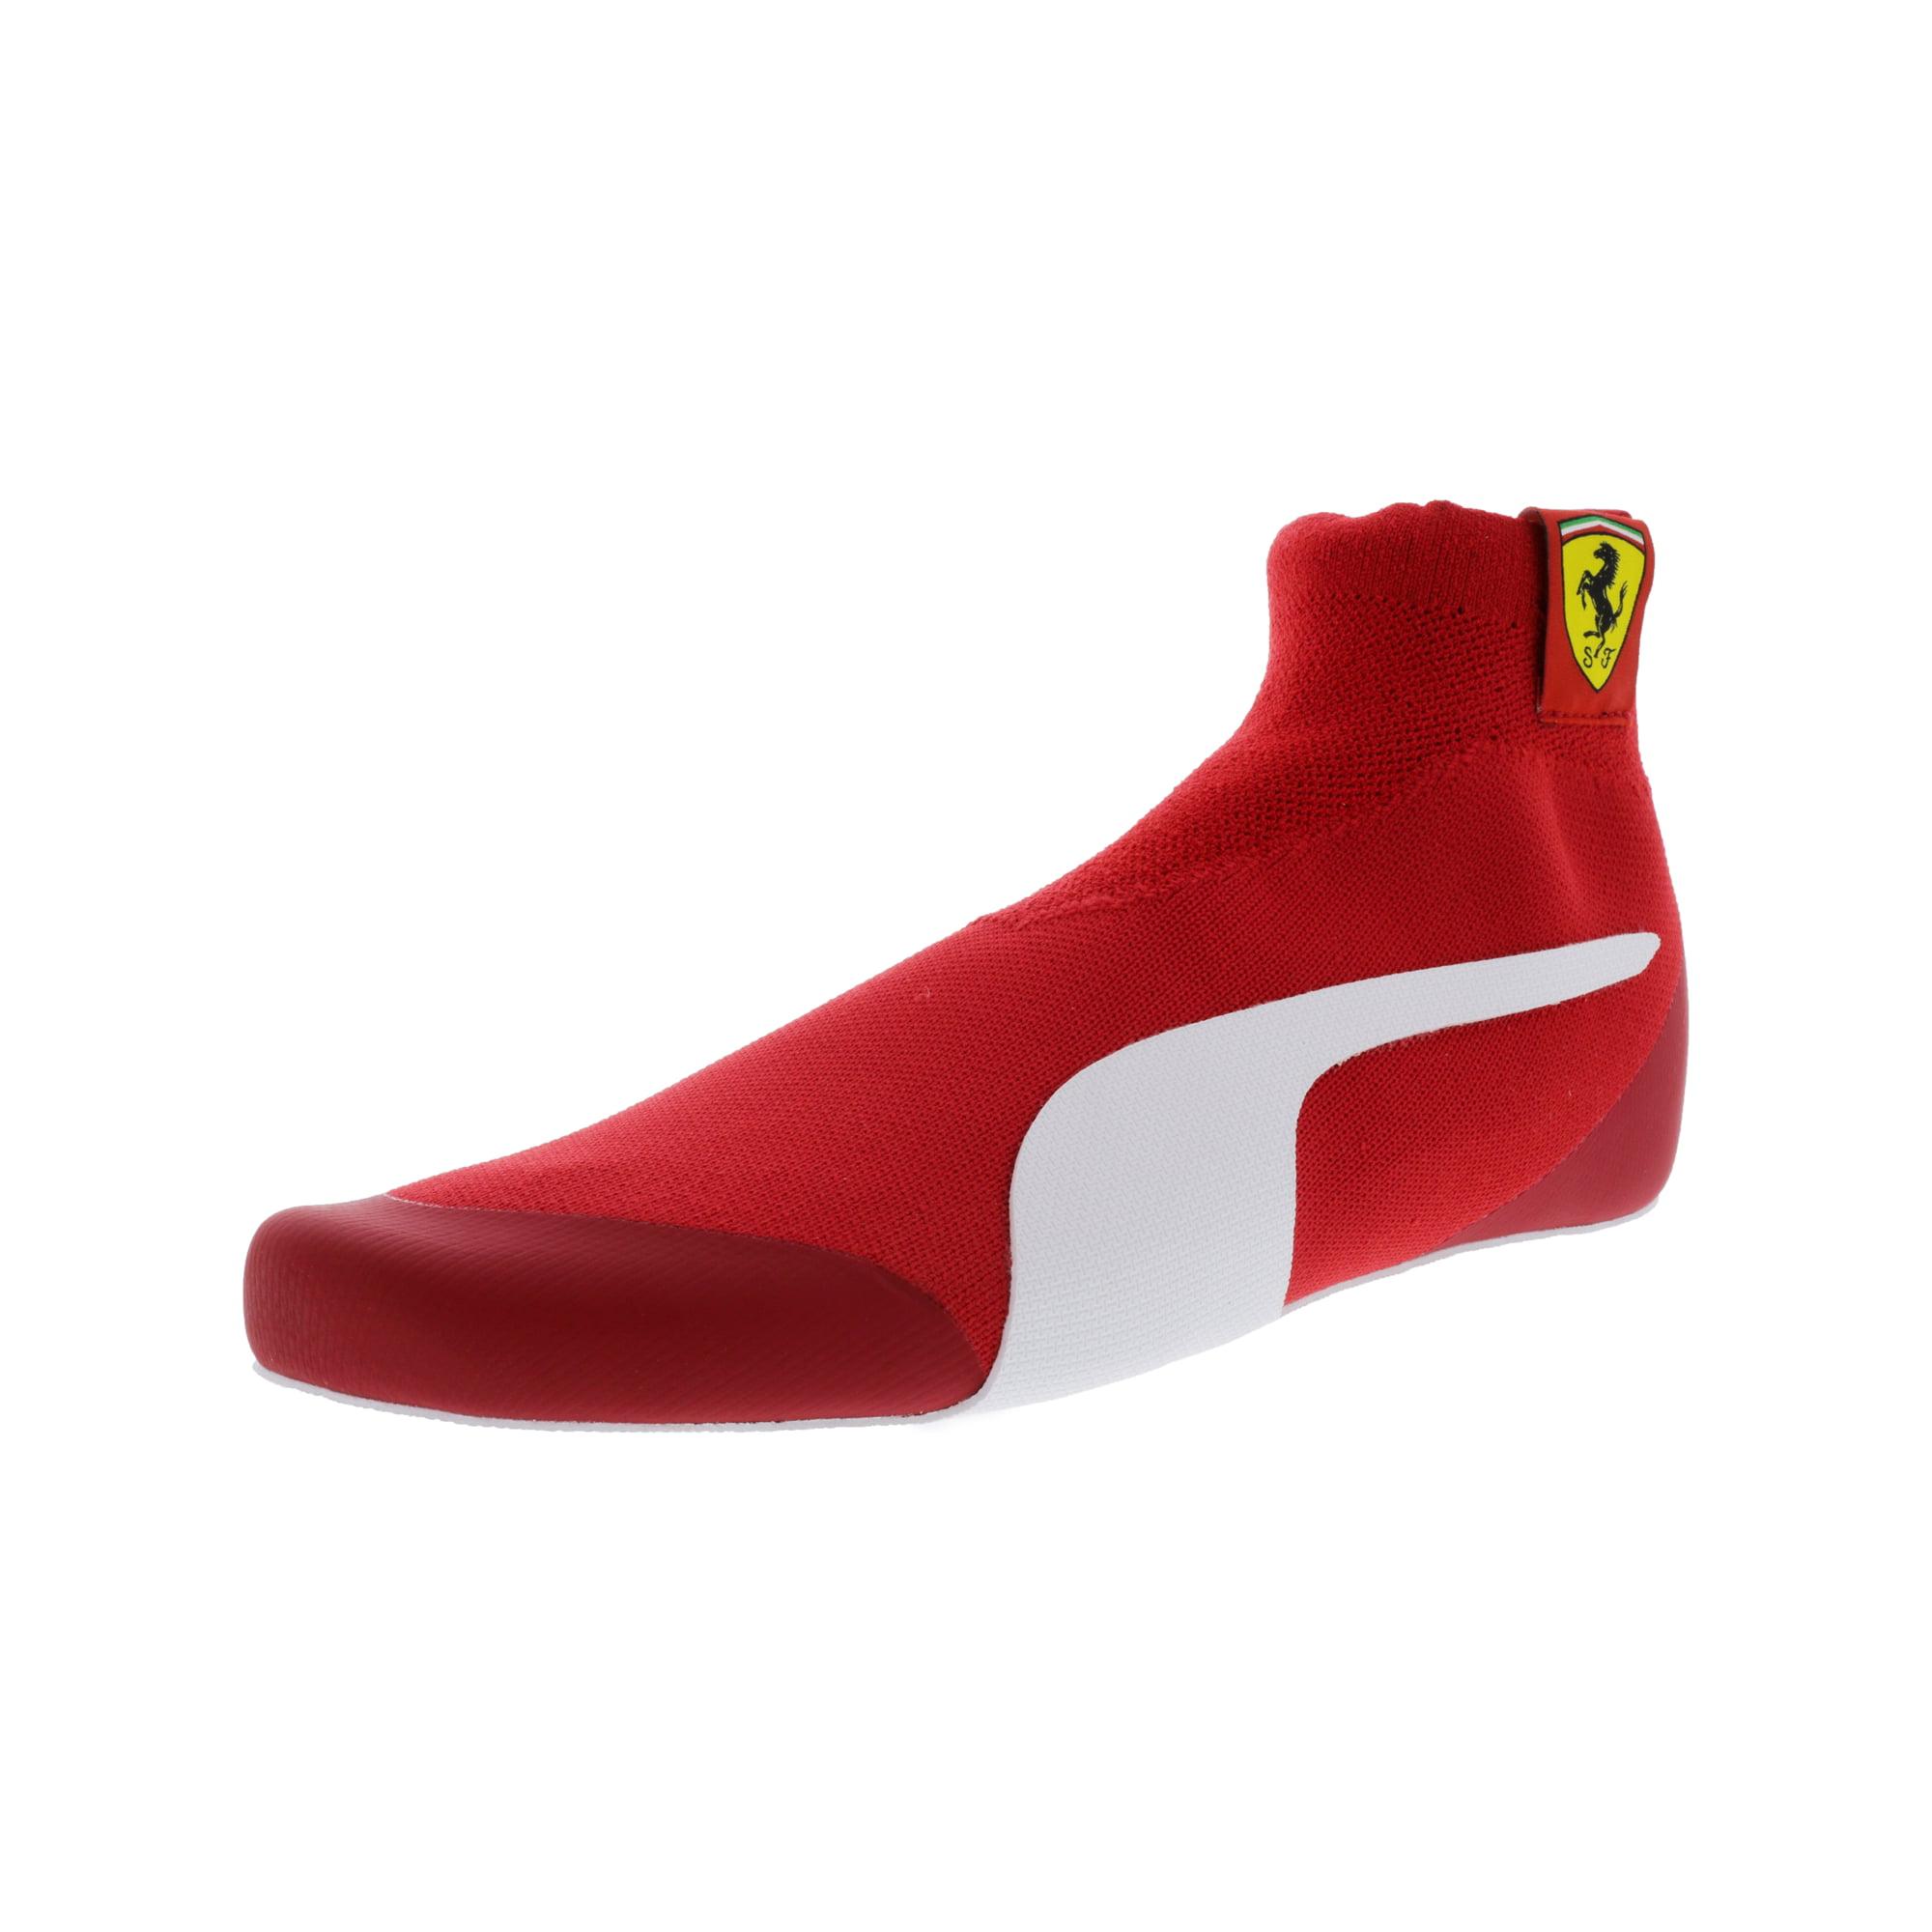 37afa00ce327dc Puma Men s Ferrari Driver Evoknit Replica Rosso Corsa   White Black  Ankle-High Fashion Sneaker - 8.5M